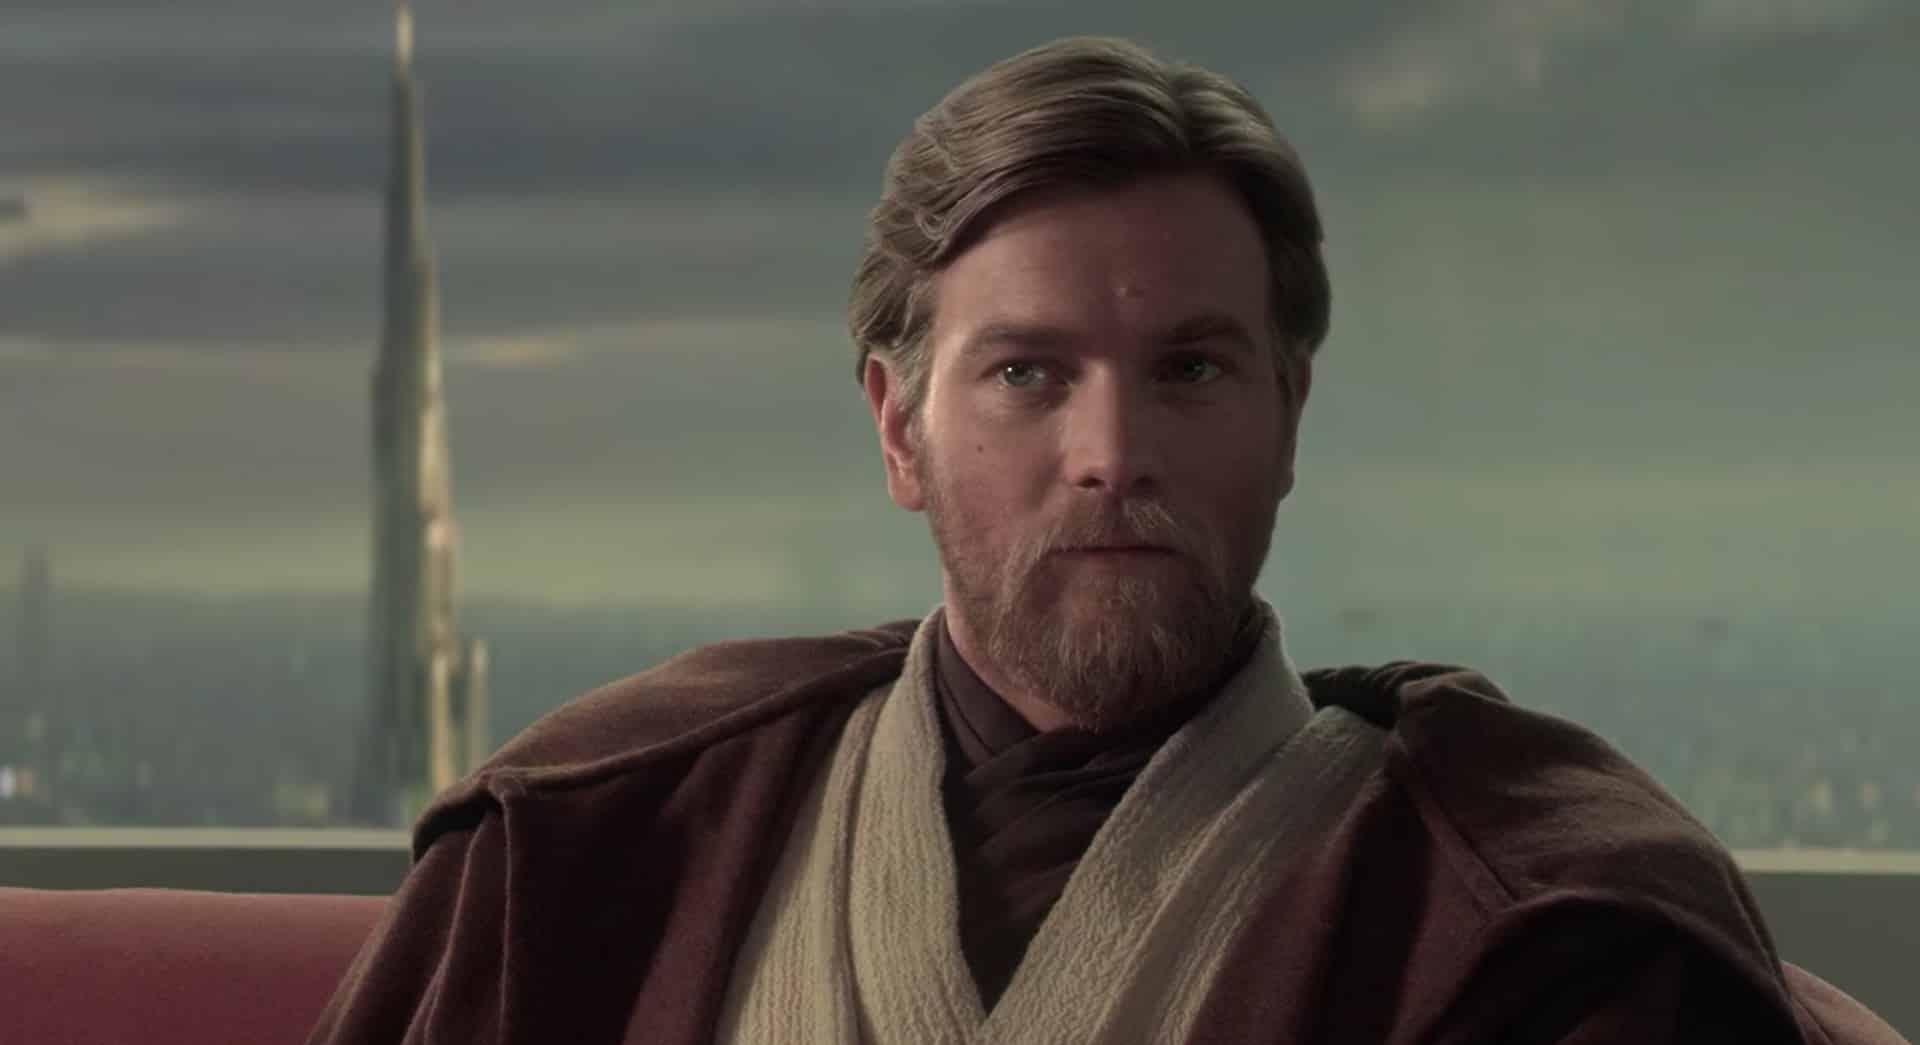 film su Obi-Wan Kenobi